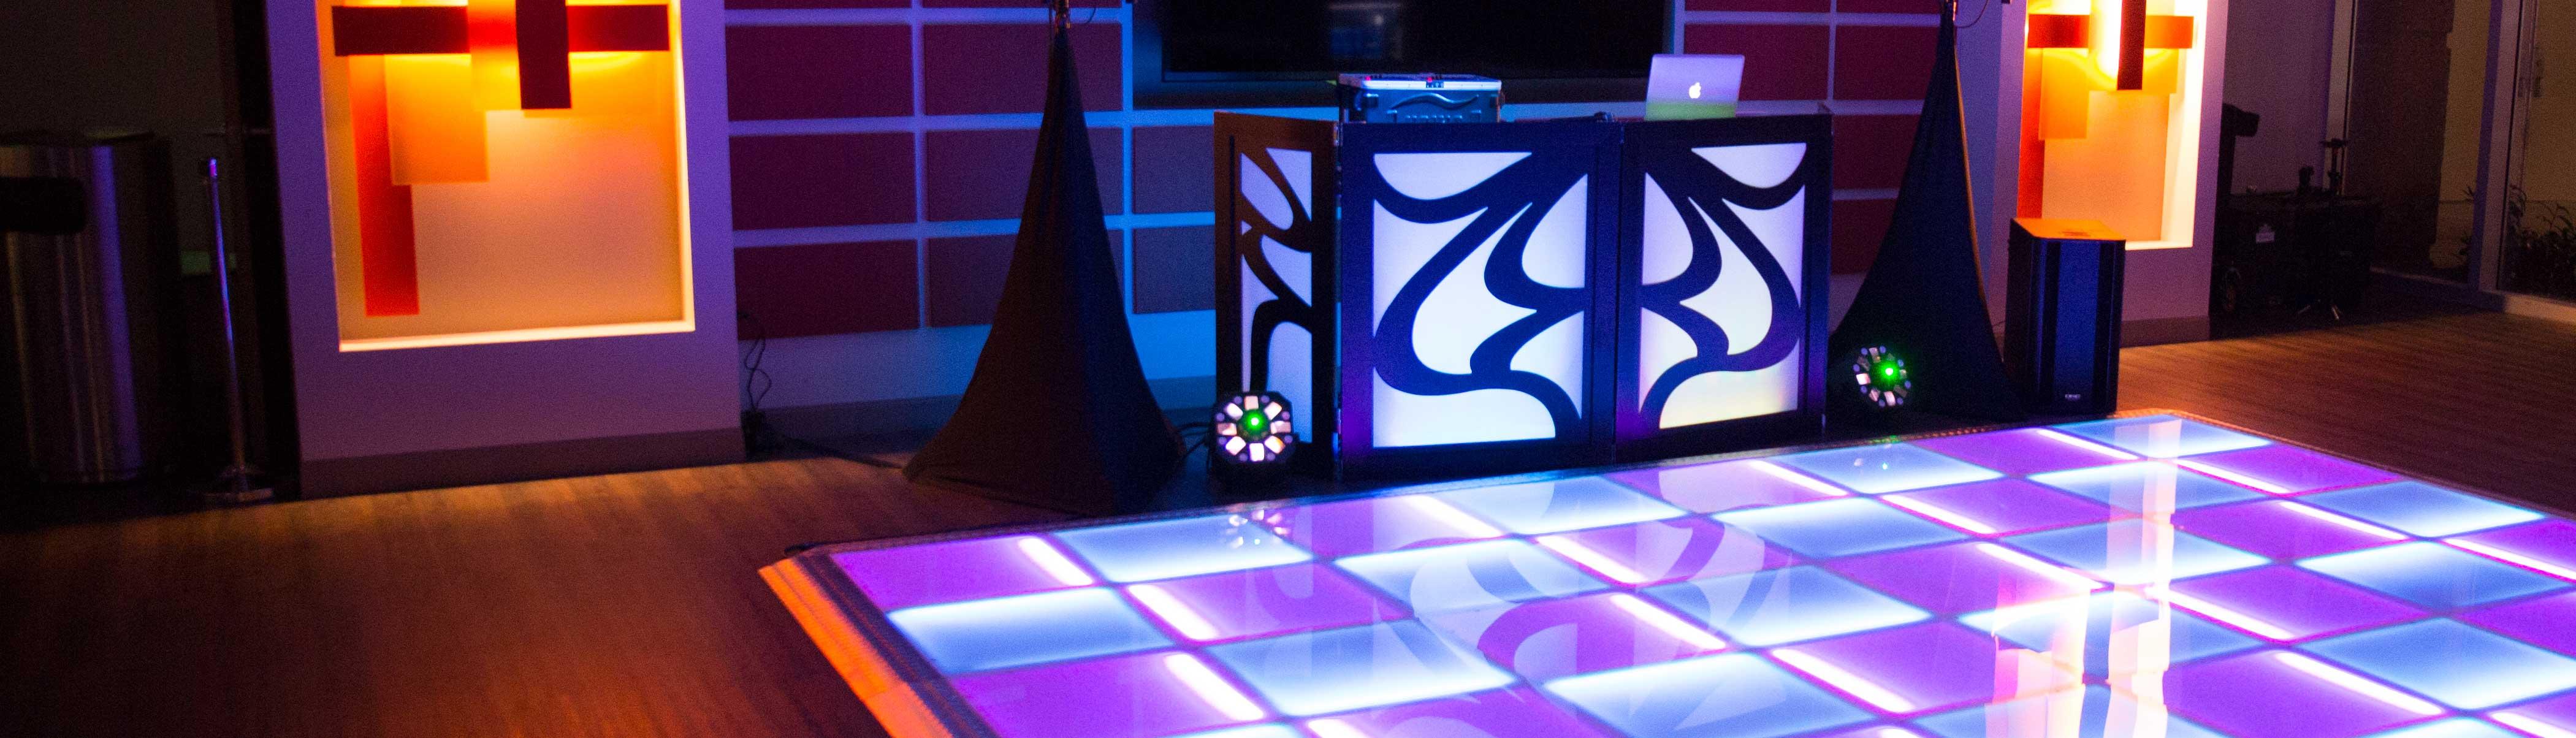 led-dance-floors-1